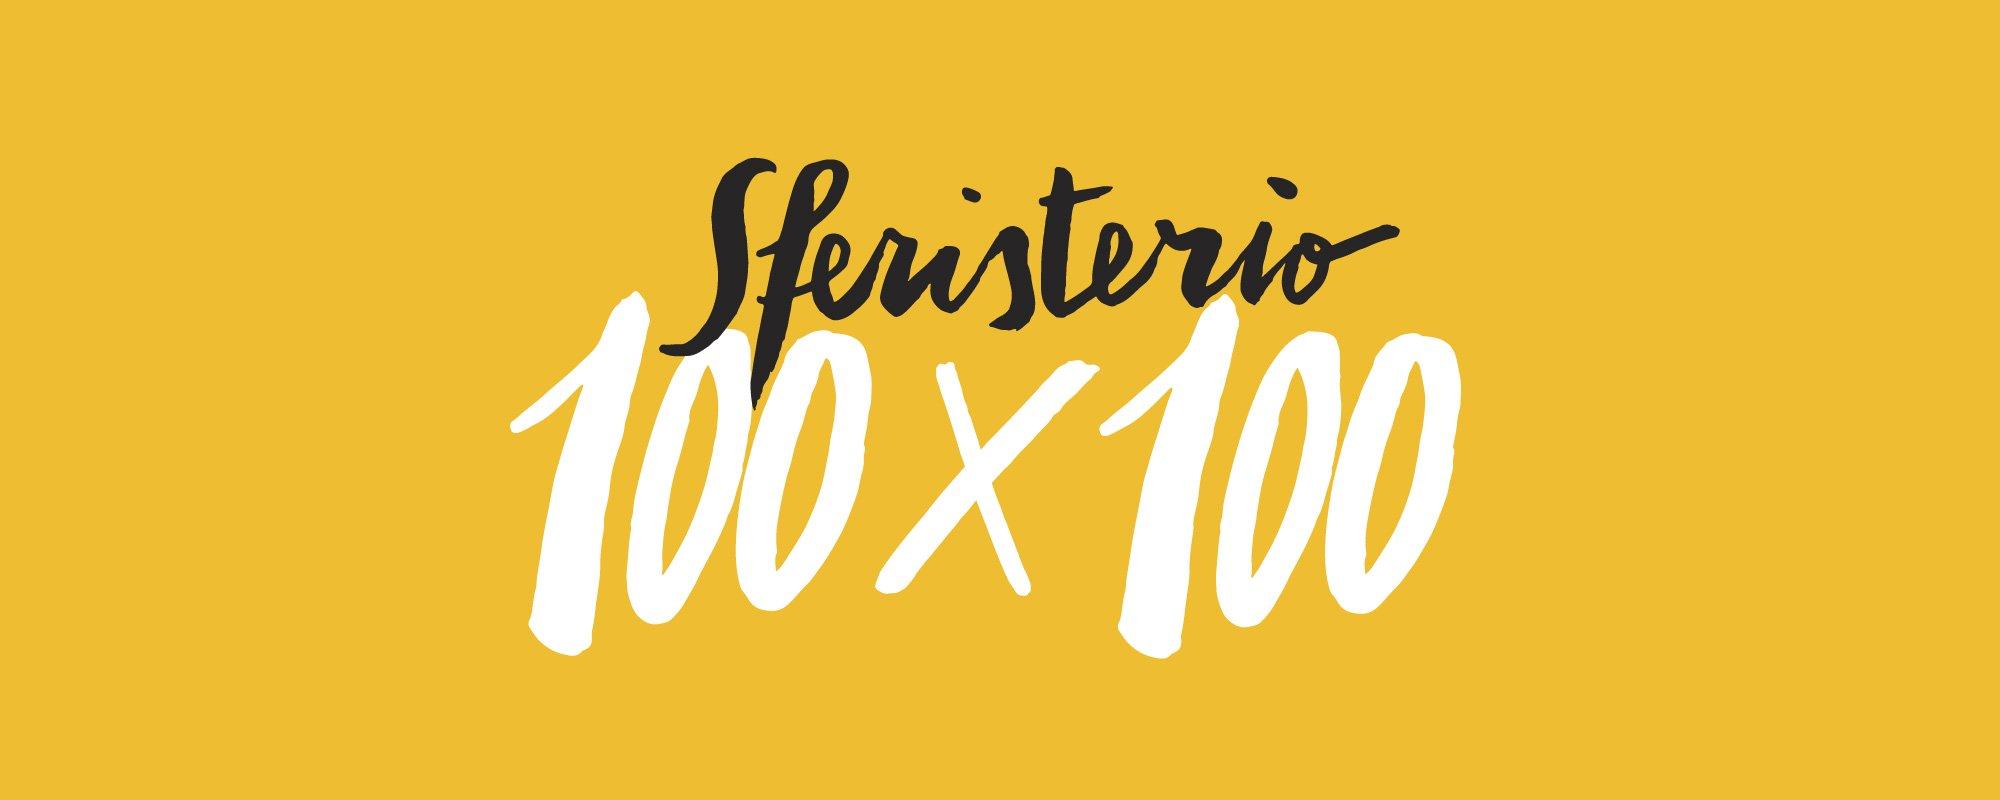 Xbanner-sferisterio-100x100-1.jpg.pagespeed.ic.r9weq5tetz